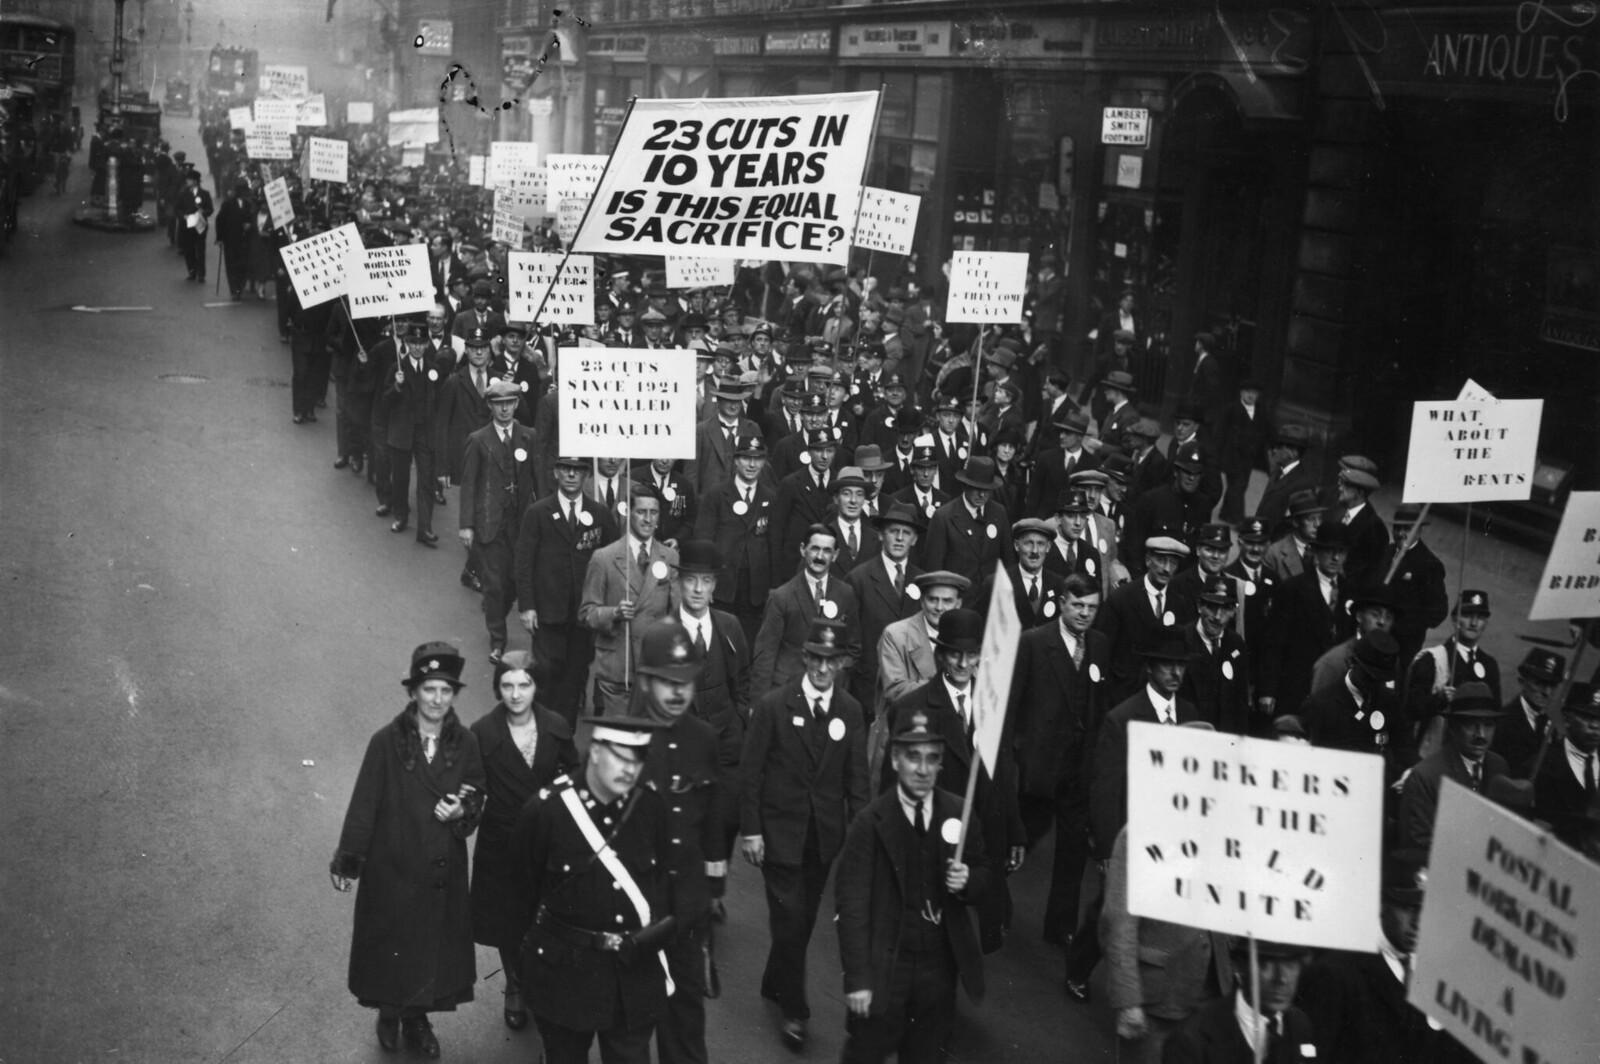 1931. Госслужащие проходят маршем по Лондону в знак протеста против сокращения заработной платы и ухудшения условий труда. 12 октября